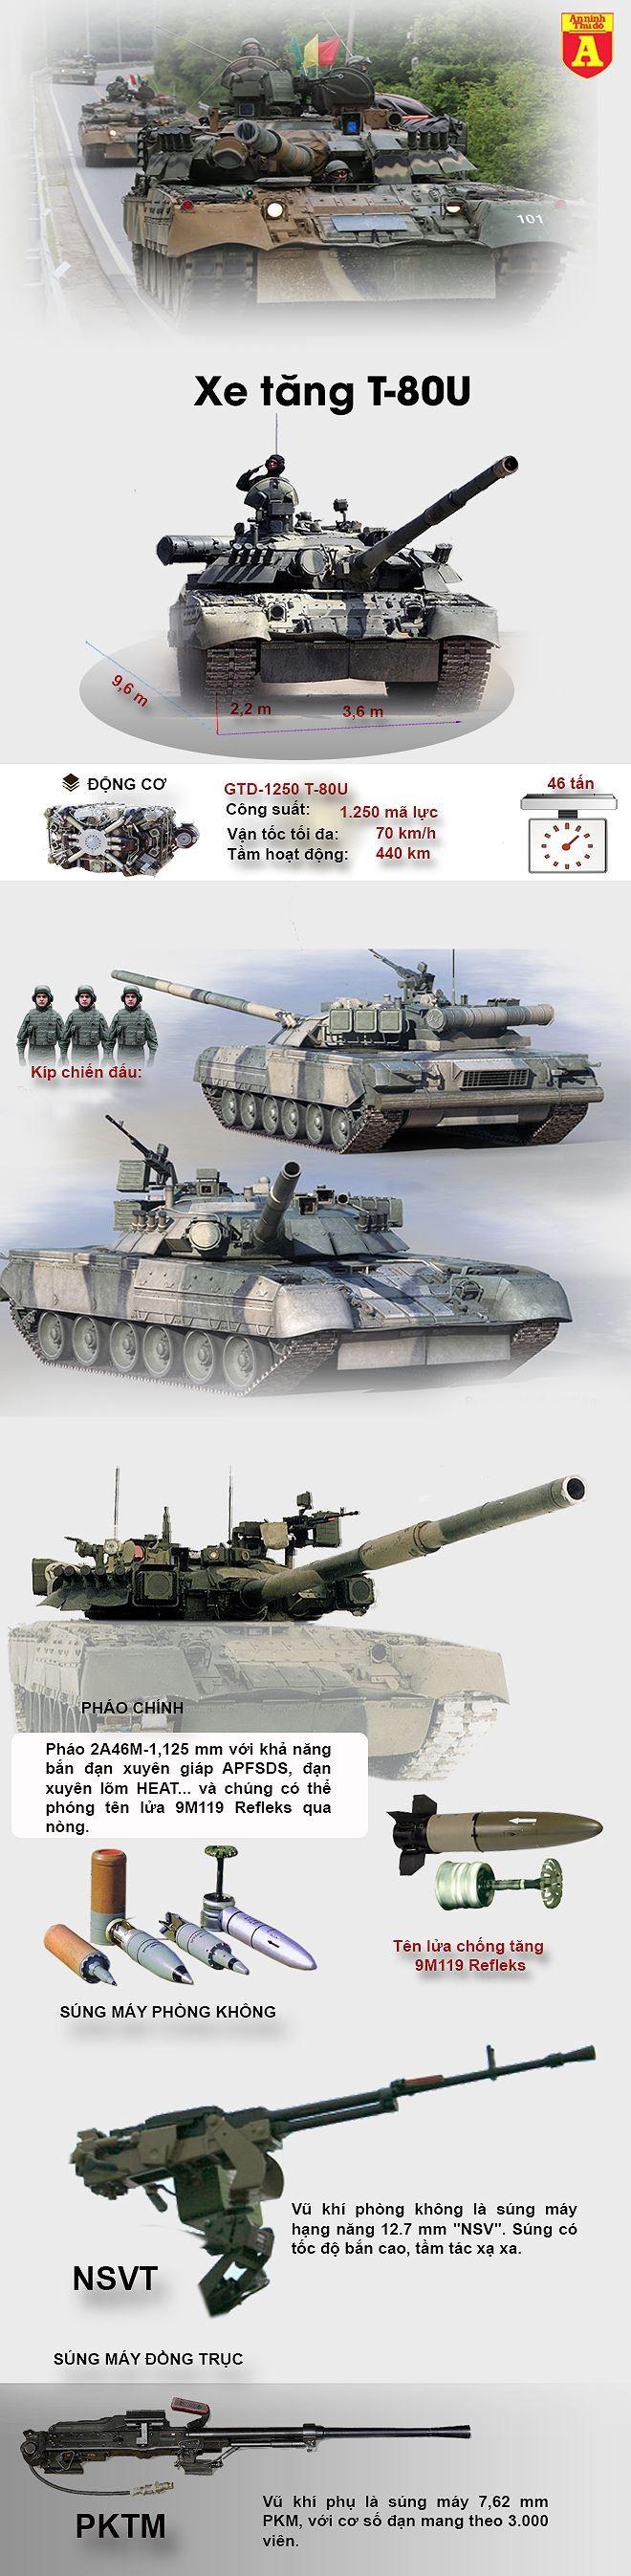 """[ĐỒ HỌA] Có xe tăng mạnh thứ 3 thế giới, nhưng Hàn Quốc vẫn tin dùng """"quốc bảo"""" T-80 Nga ảnh 2"""